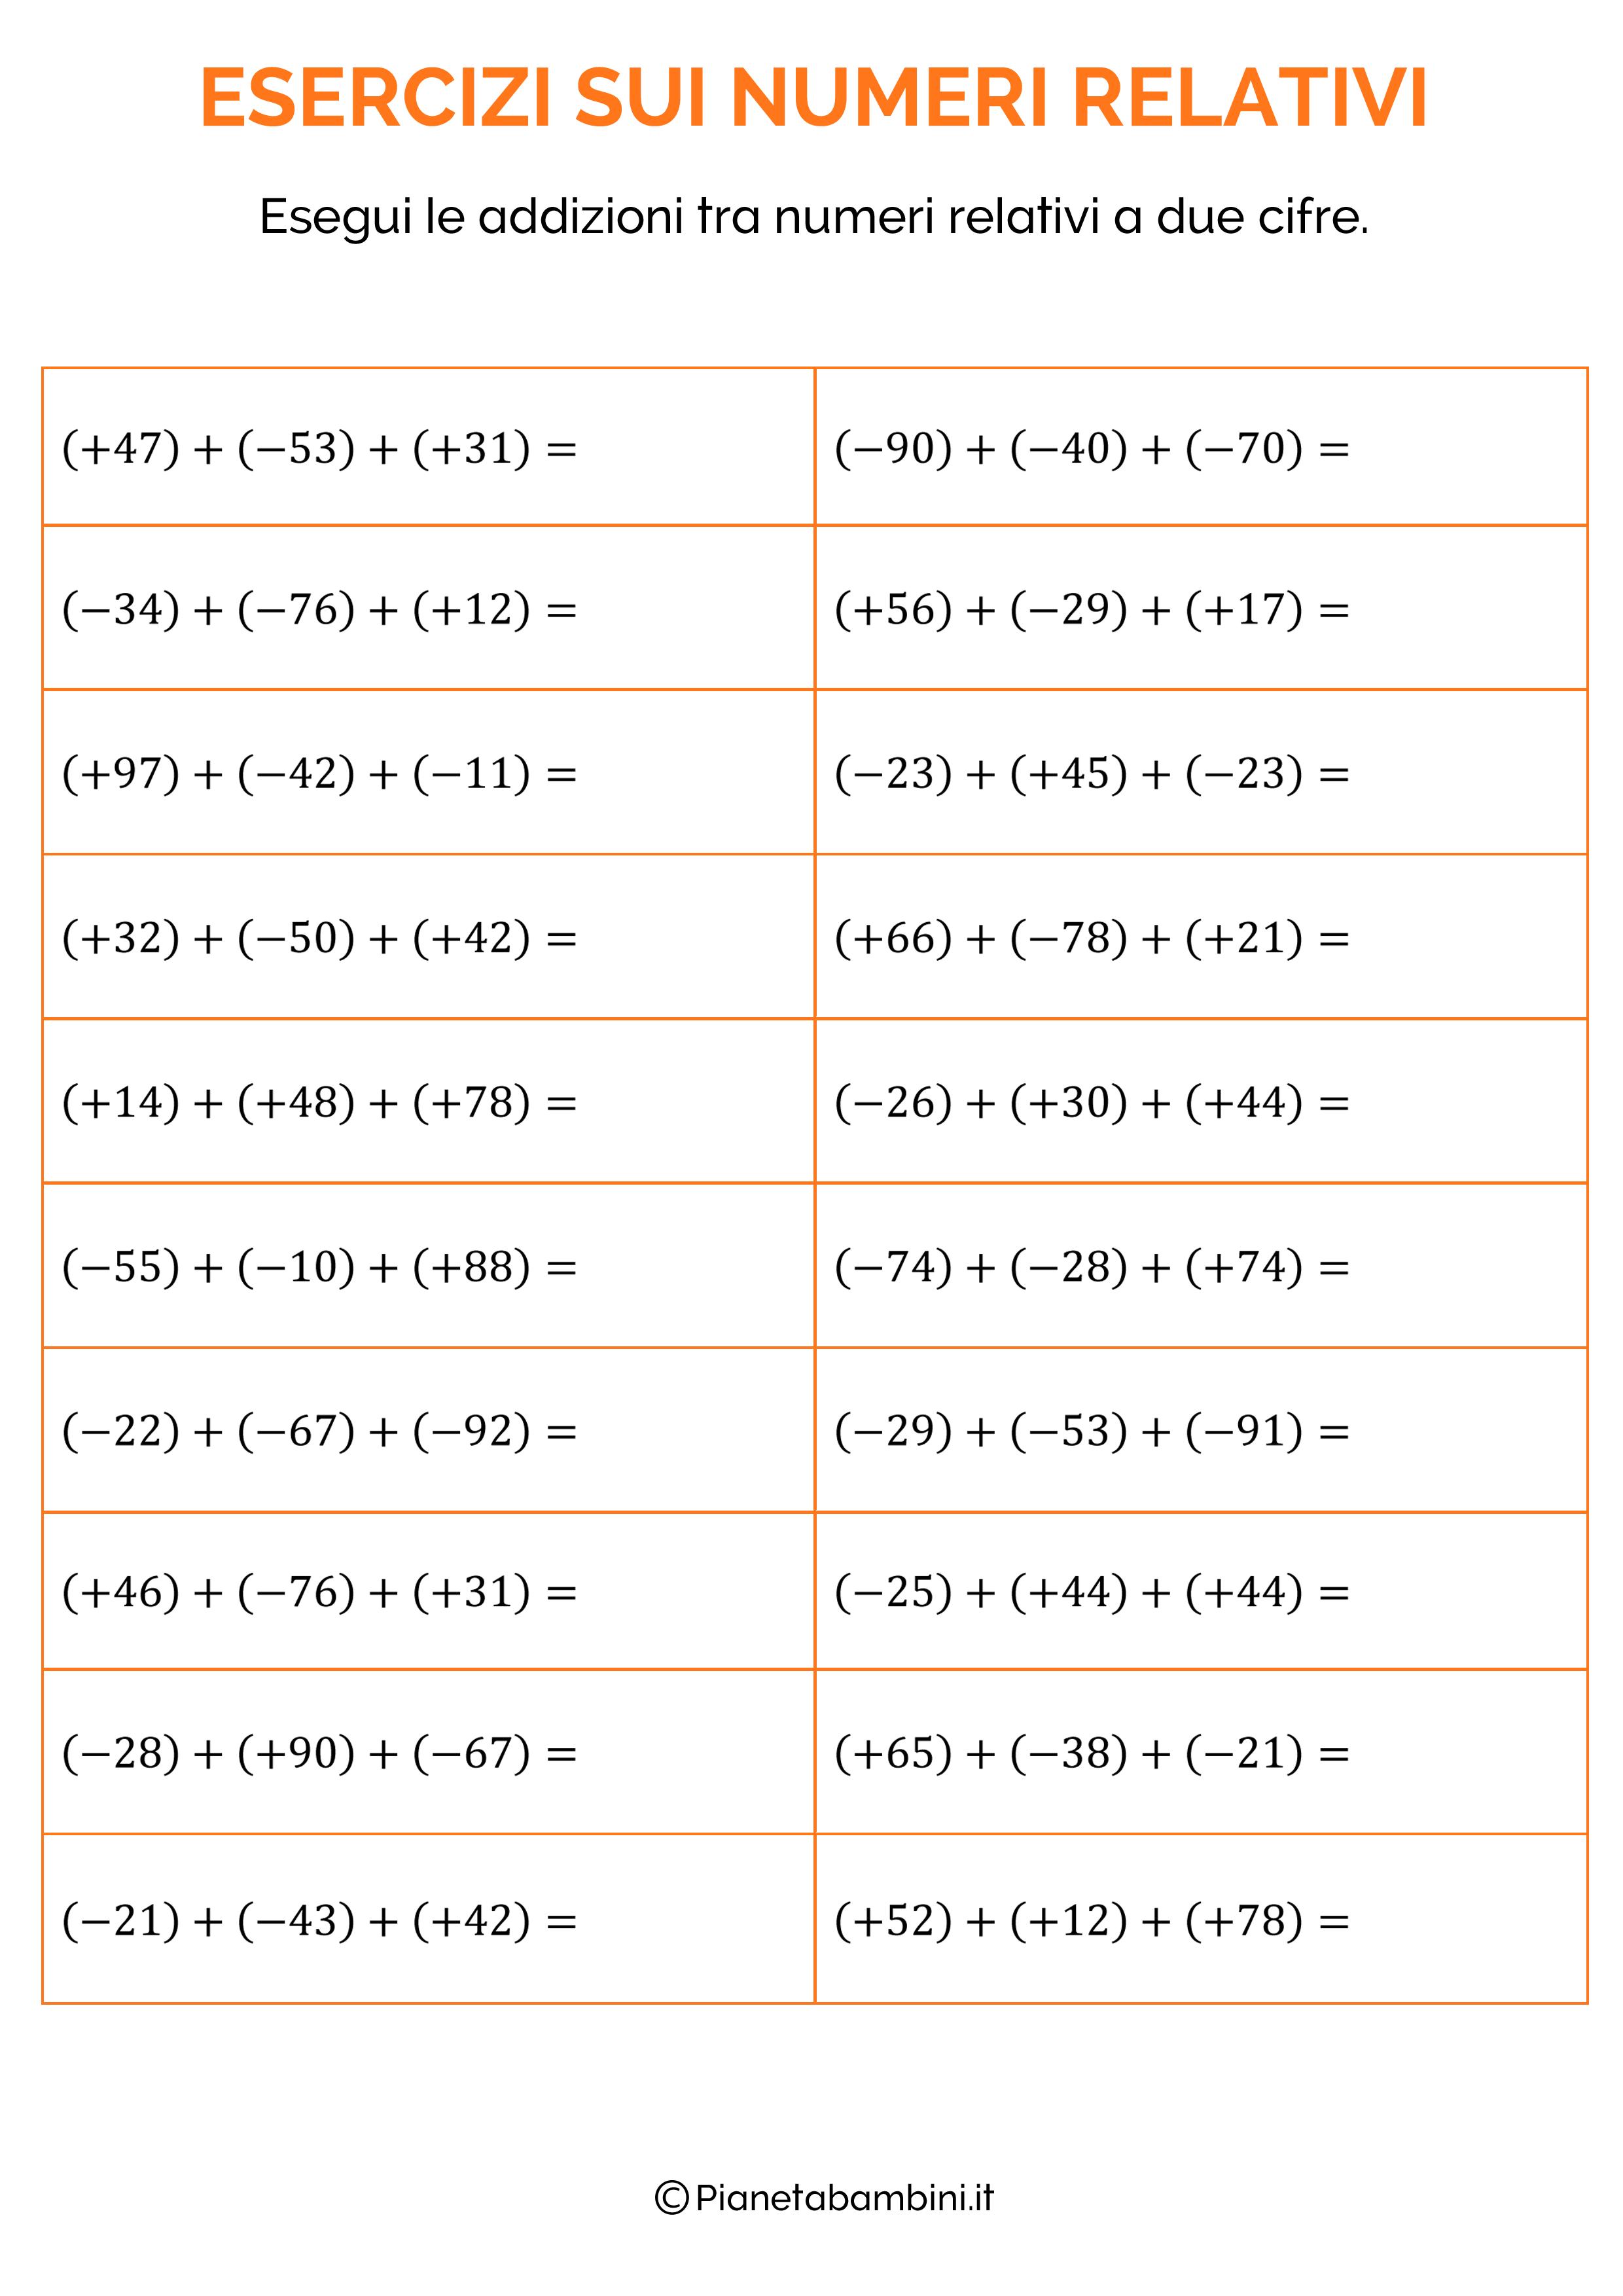 Addizioni tra numeri relativi